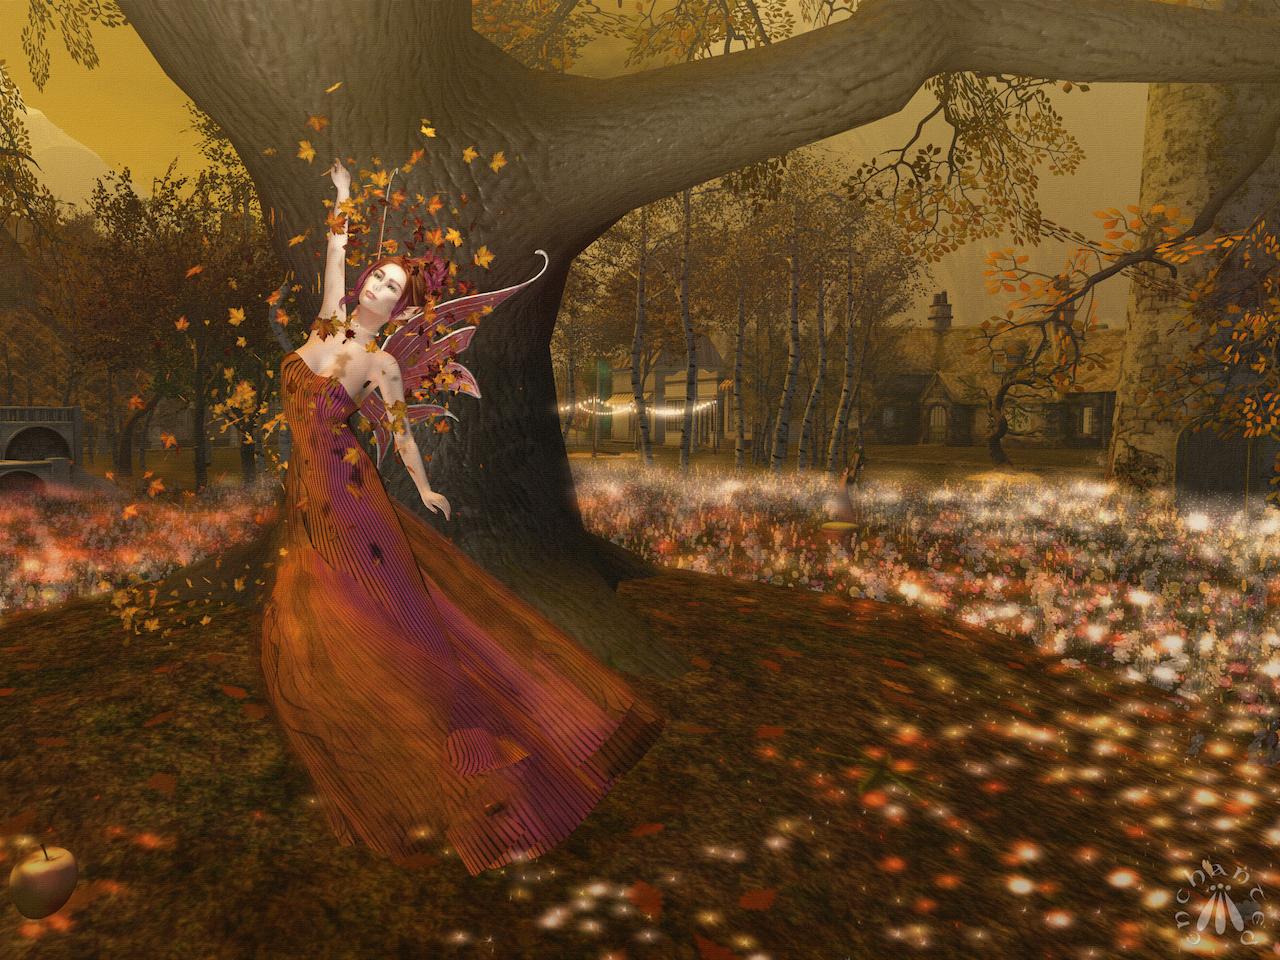 2017.10.22.autumndance - 2